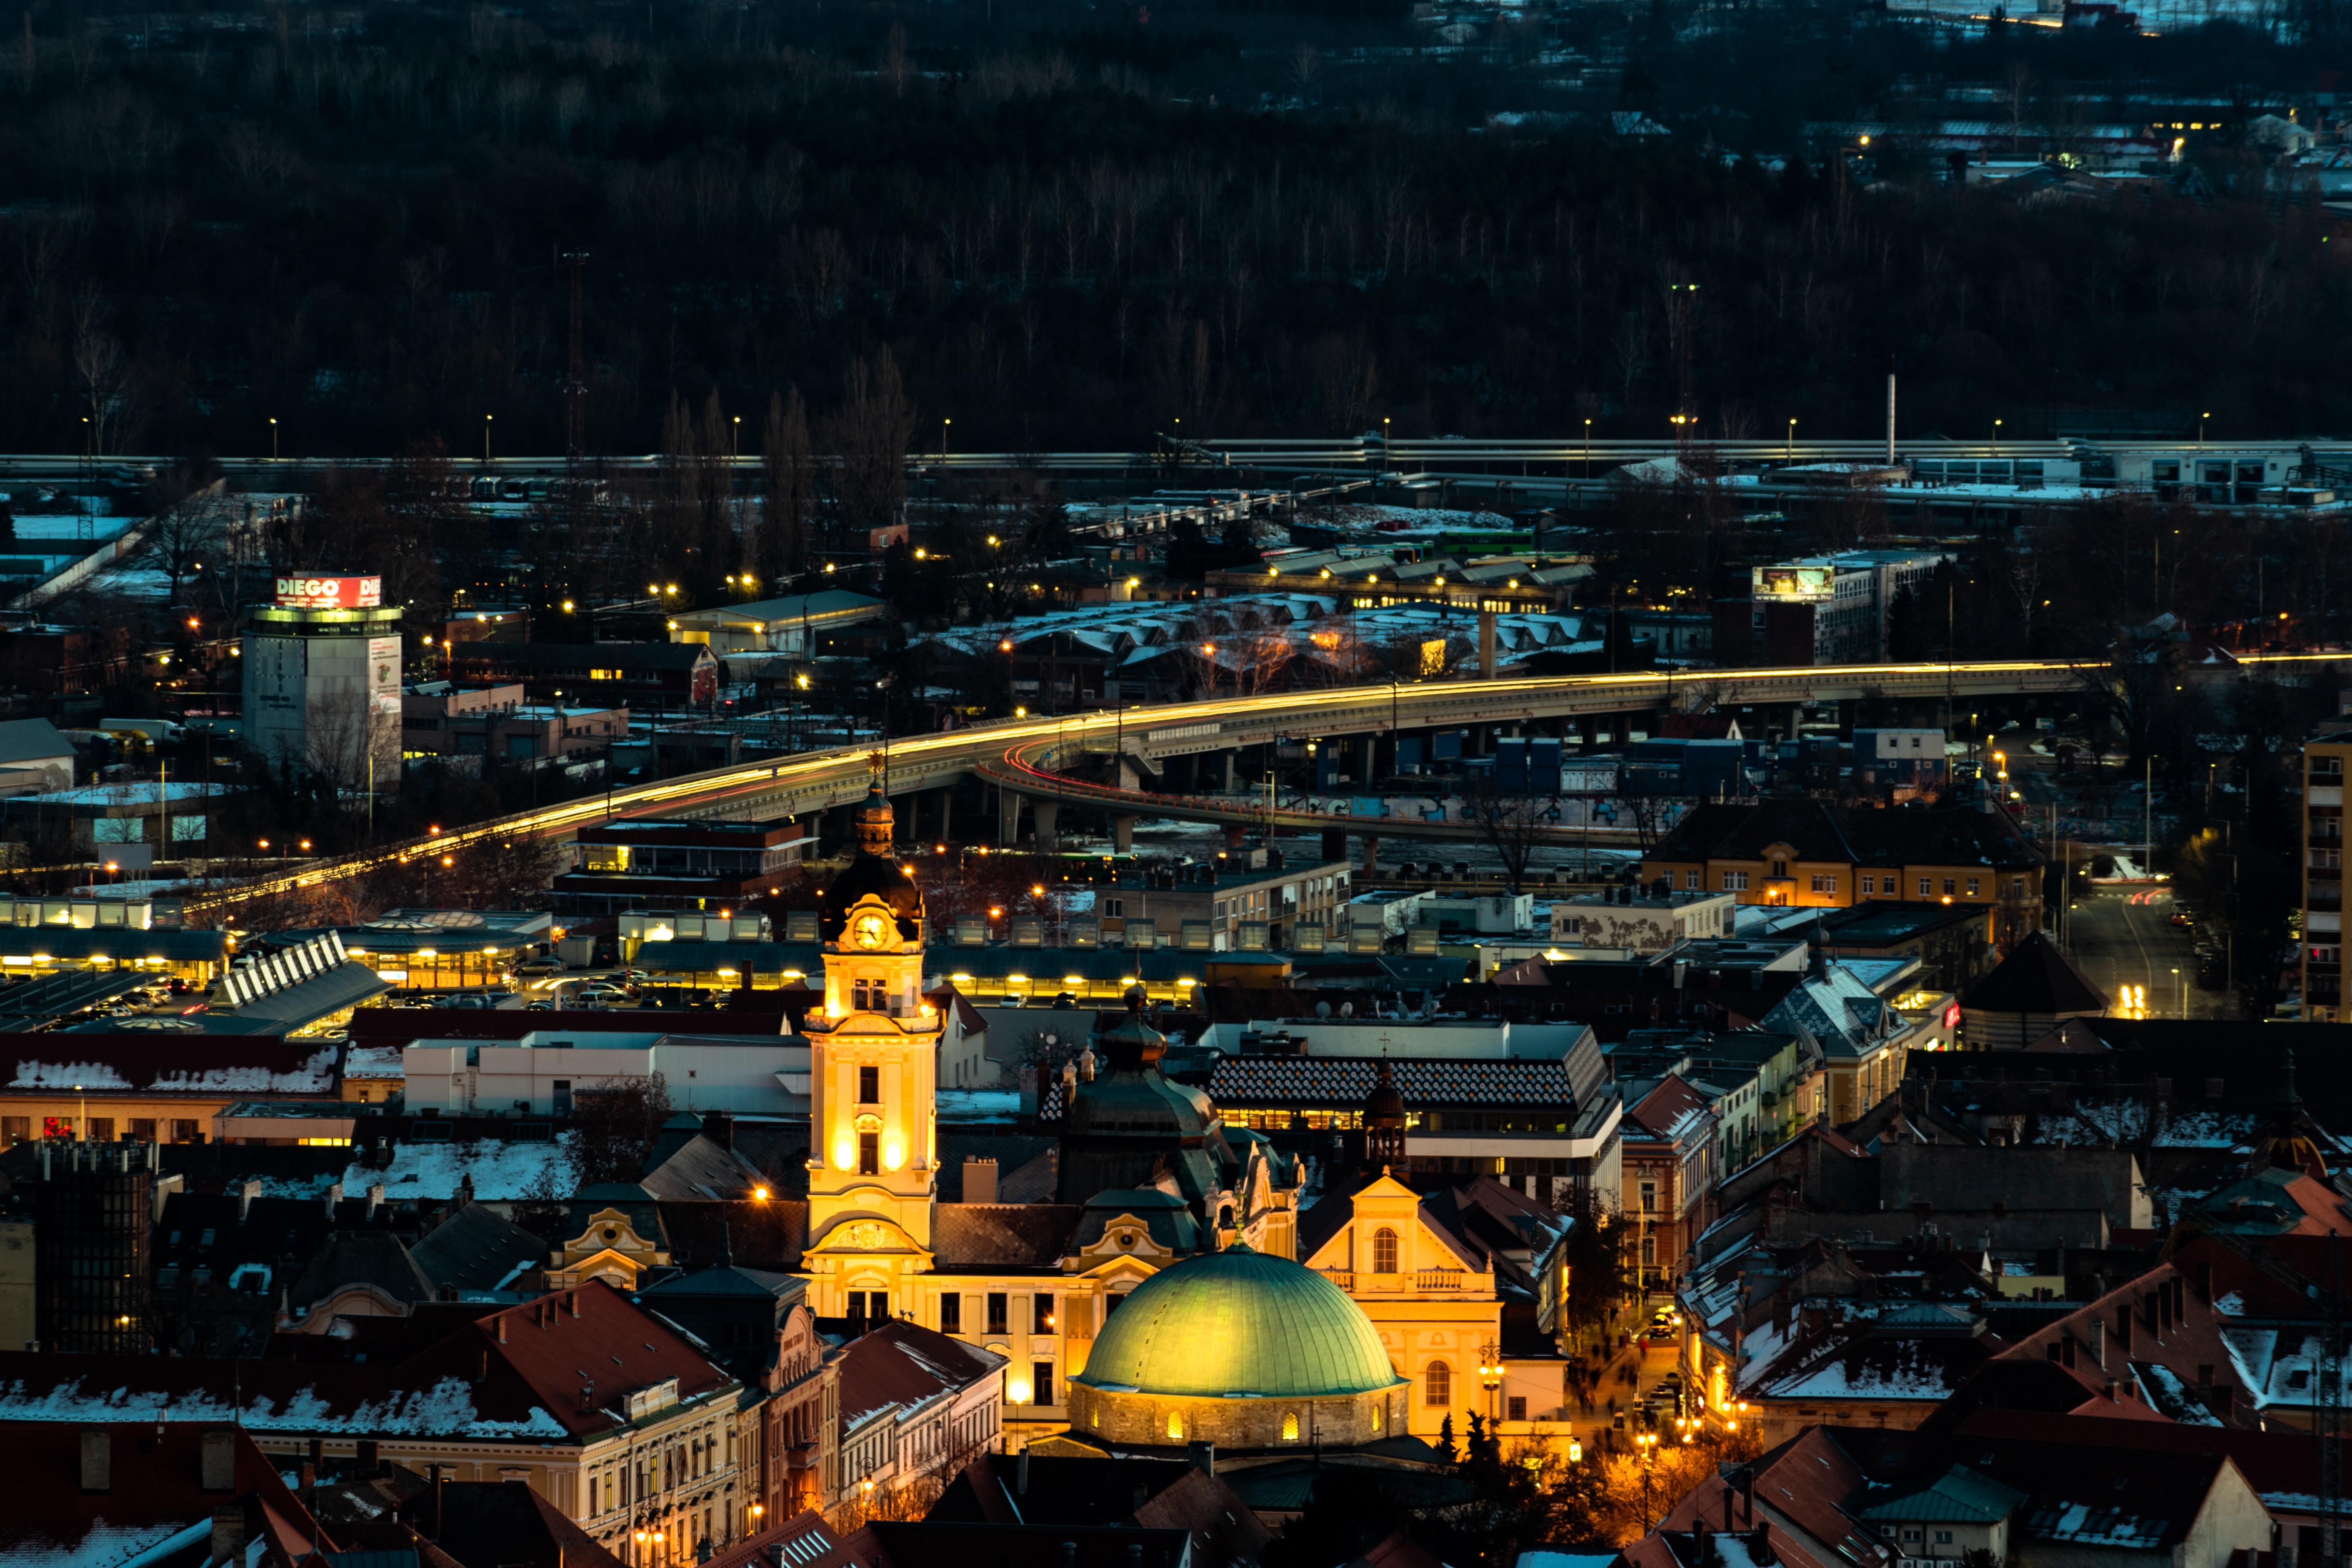 Több mint 700 millió forintos fejlesztést hajtott végre az E.ON Pécsen